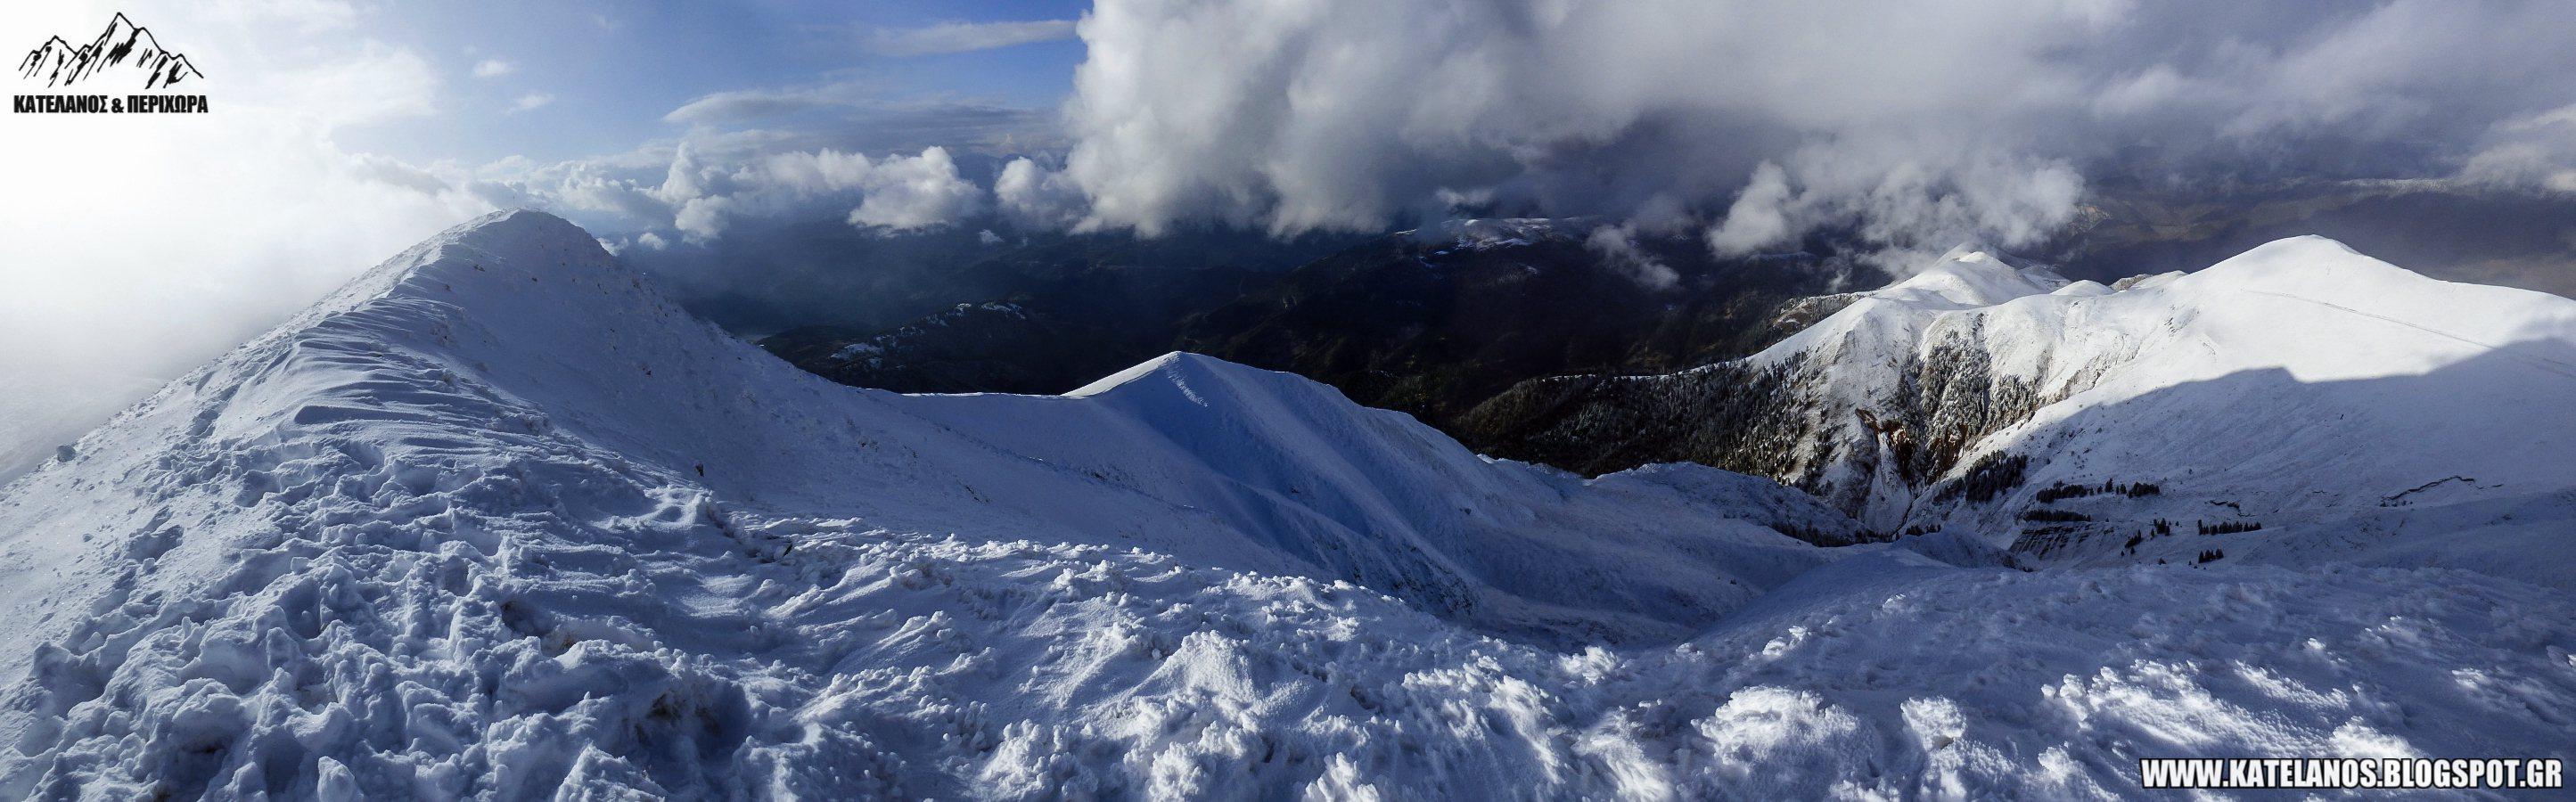 βουνο κορυφη συμπεθρικο ευρυτανια